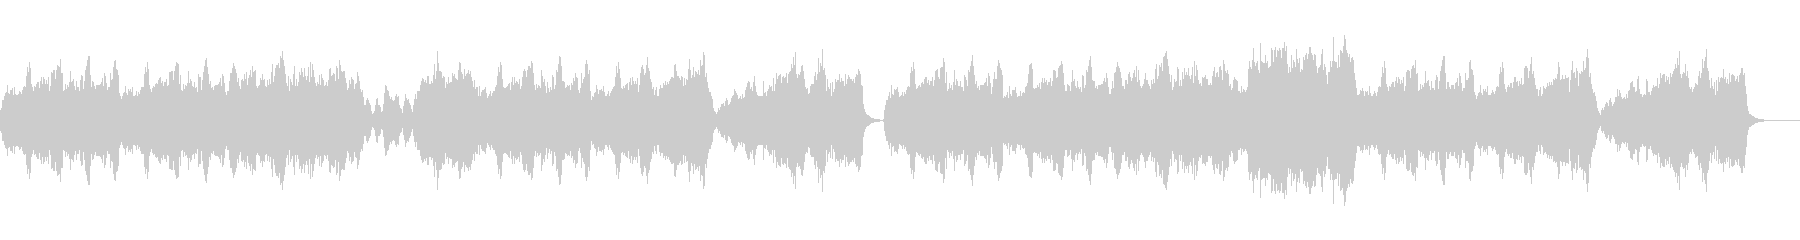 フォーマルで優雅なストリングスのワルツの未再生の波形